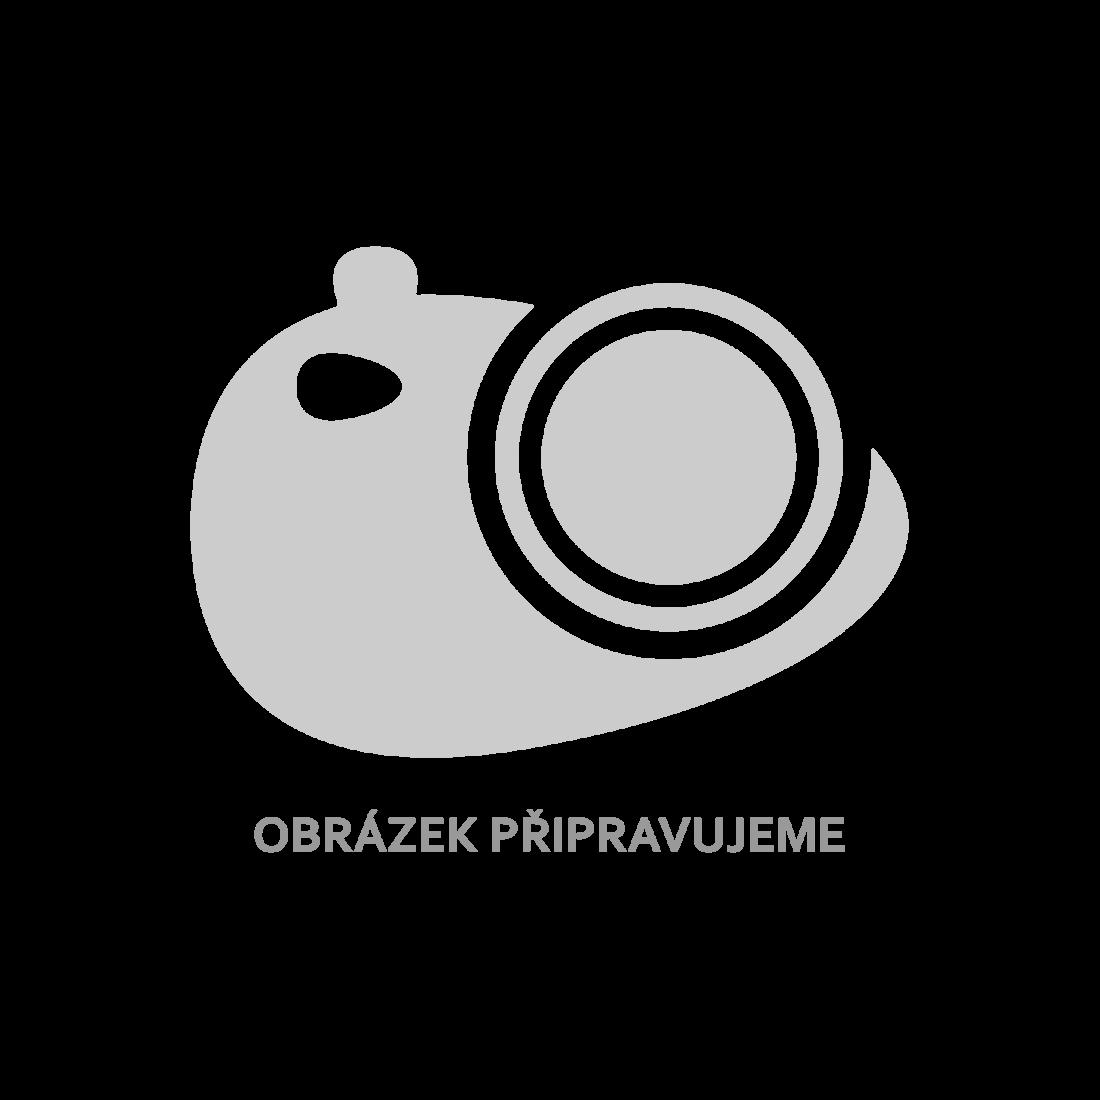 vidaXL Toaletní stolek se stoličkou růžový 75 x 69 x 140 cm pavlovnia [289315]